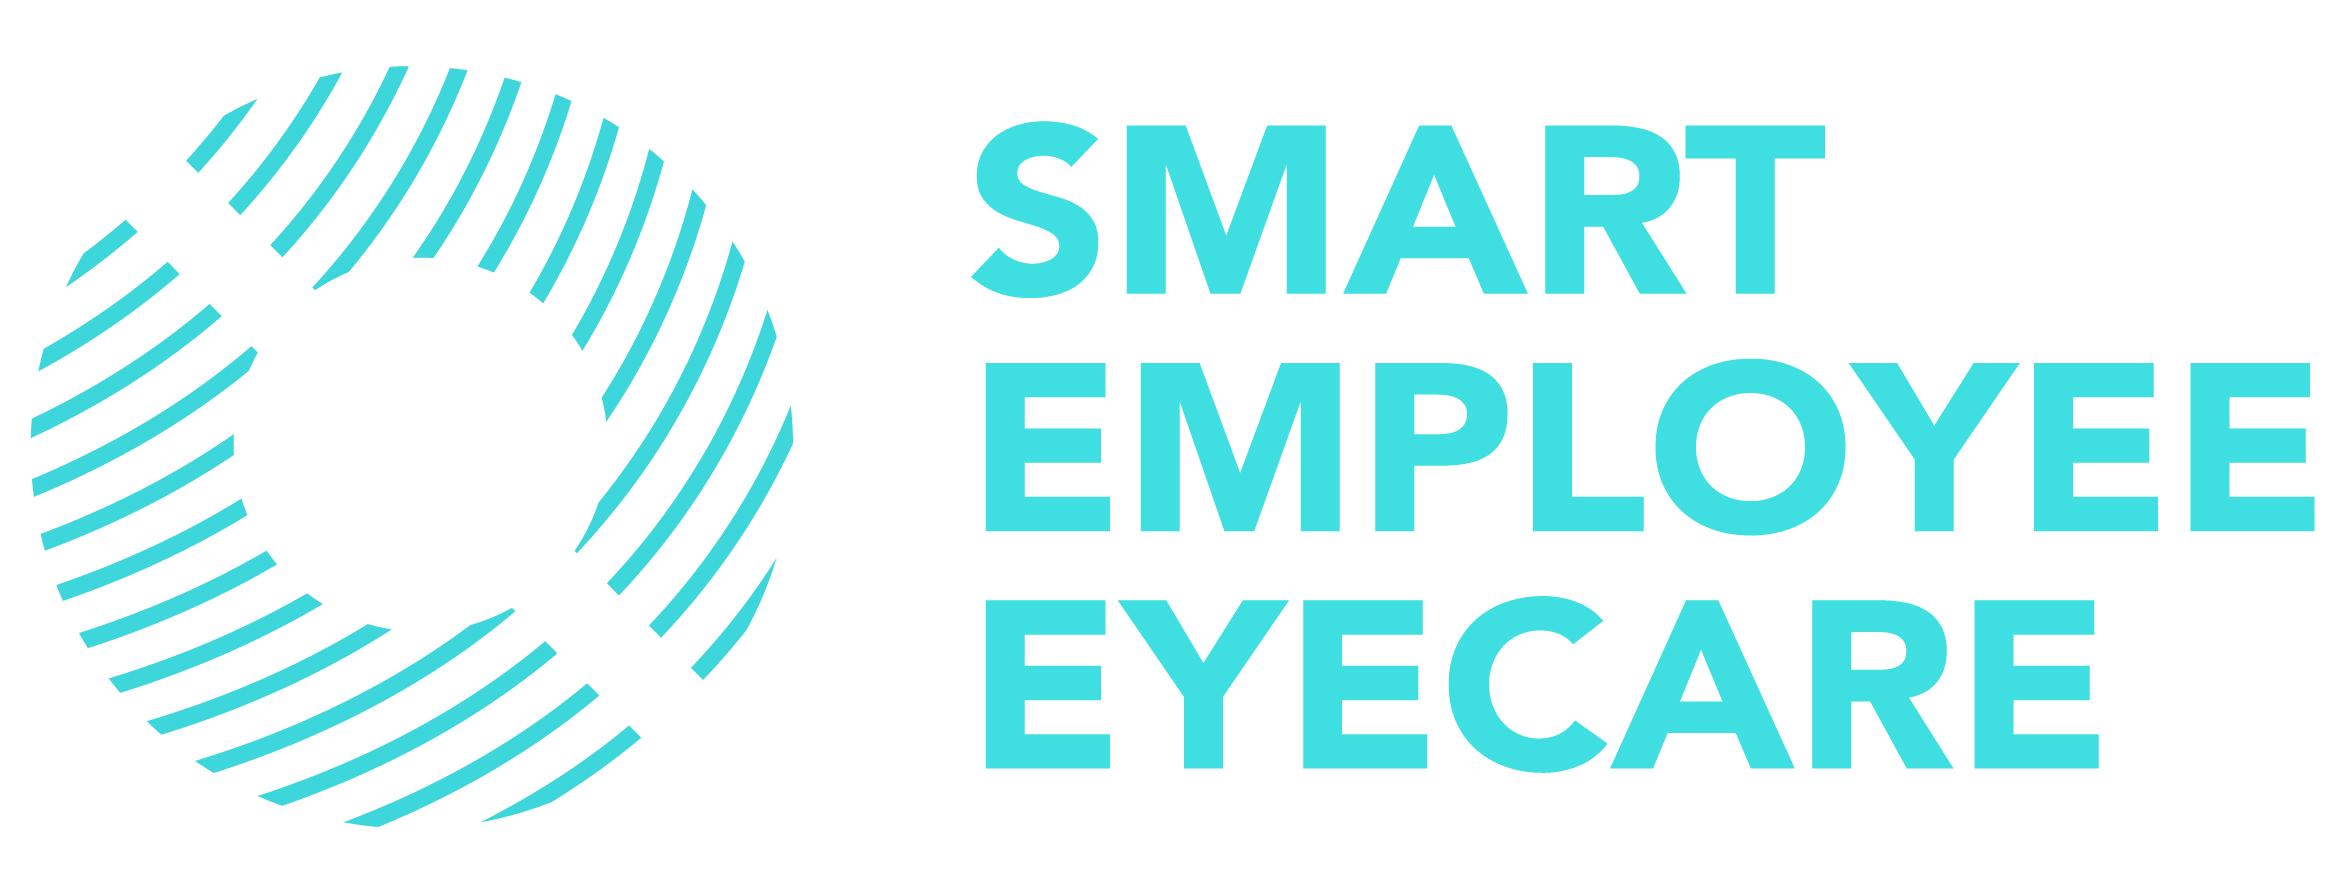 Smart Employee Eyecare